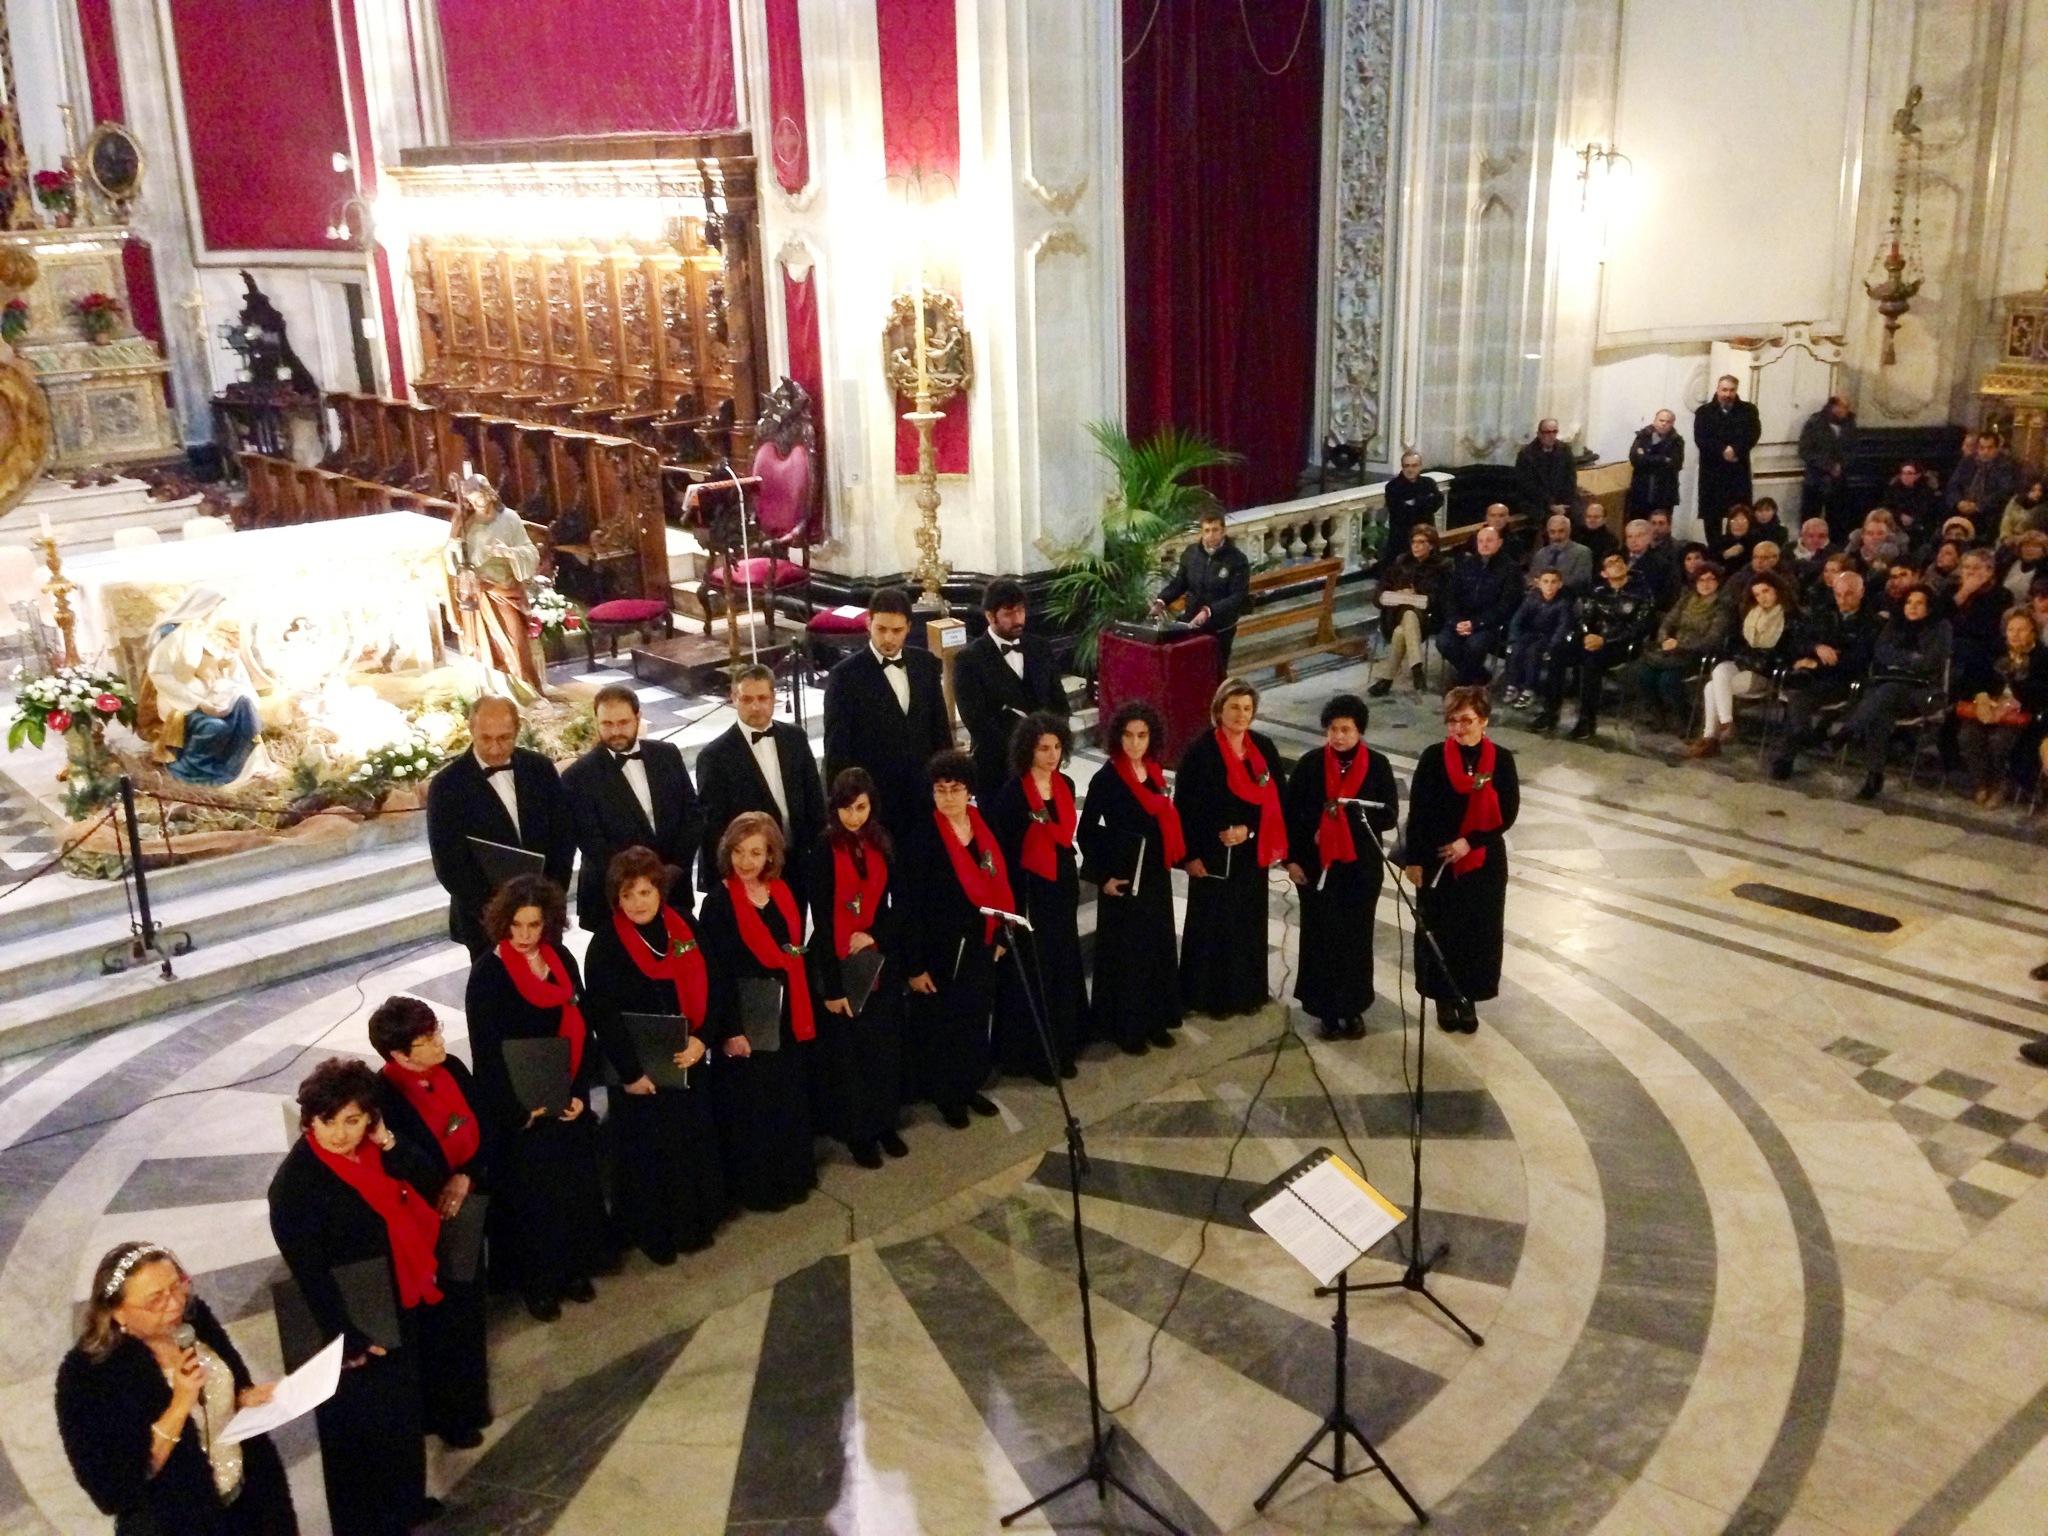 Domani Gran Concerto di Natale nel Duomo di San Giorgio a Ragusa Ibla